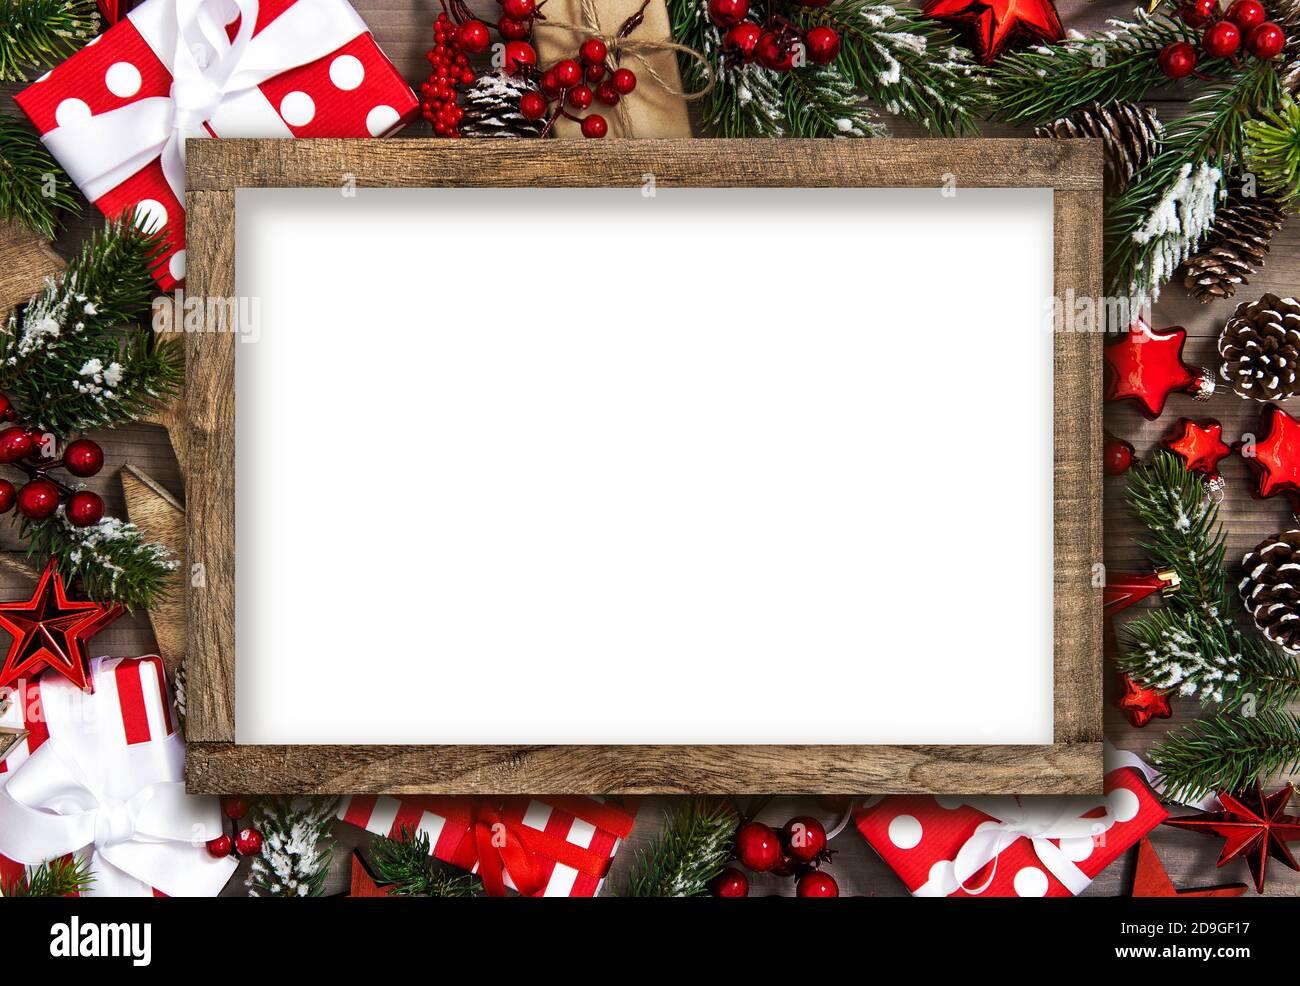 Modèle de maquette de cadre. Décoration de Noël boîte cadeau étoiles rouges et ornements Banque D'Images